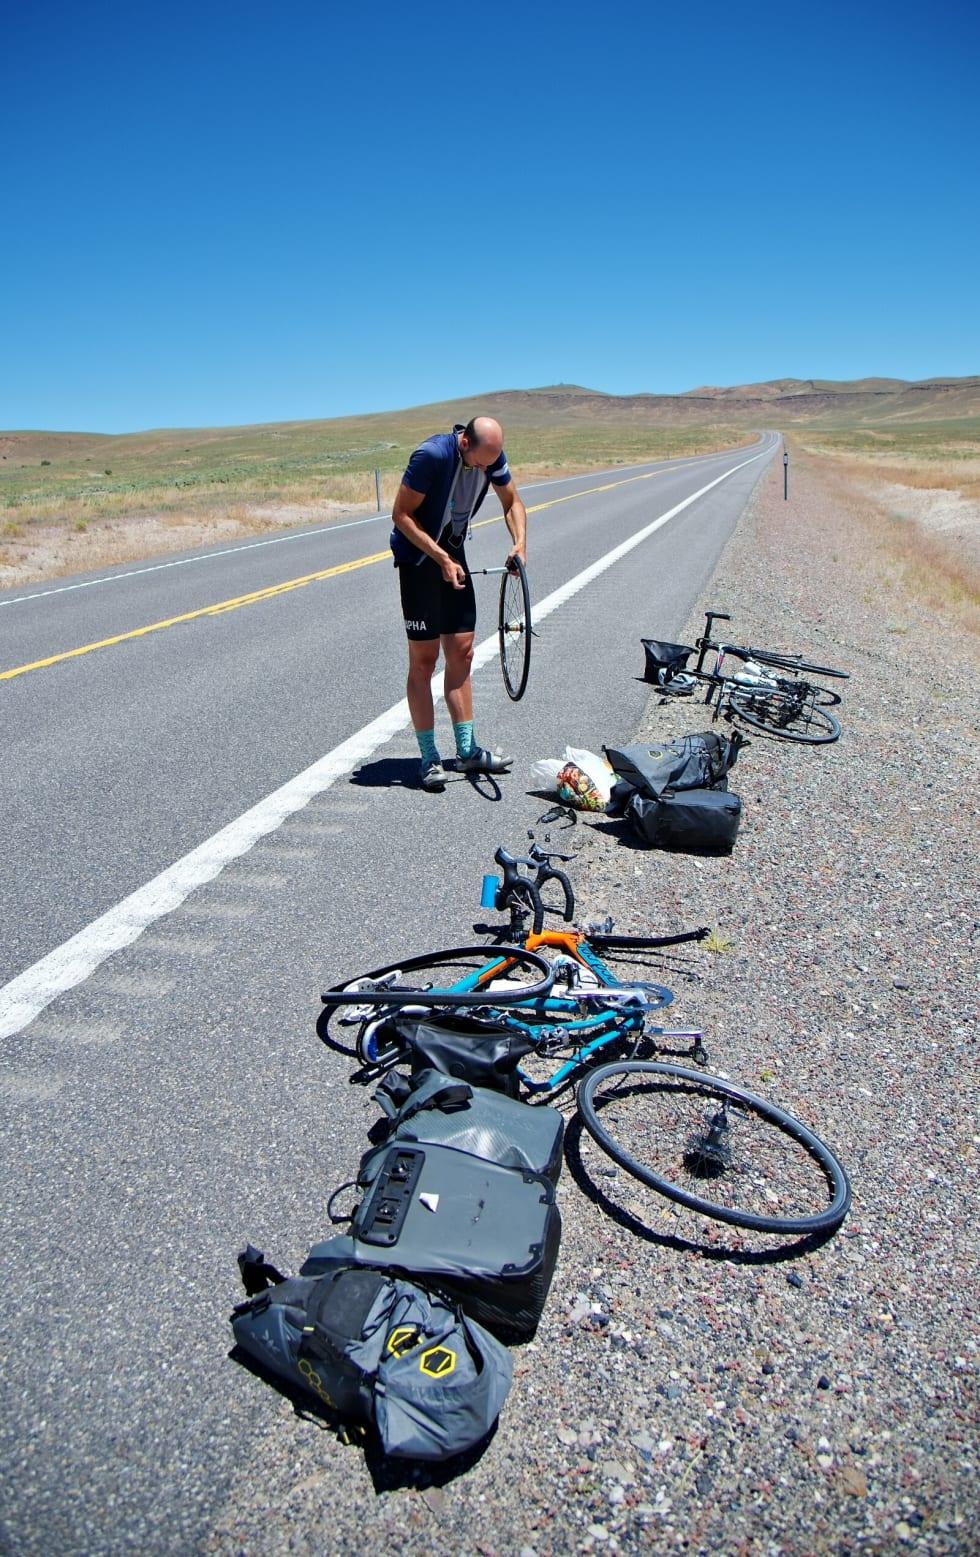 Varm asfalt byr på problemer, selv for tøffe touring-dekk